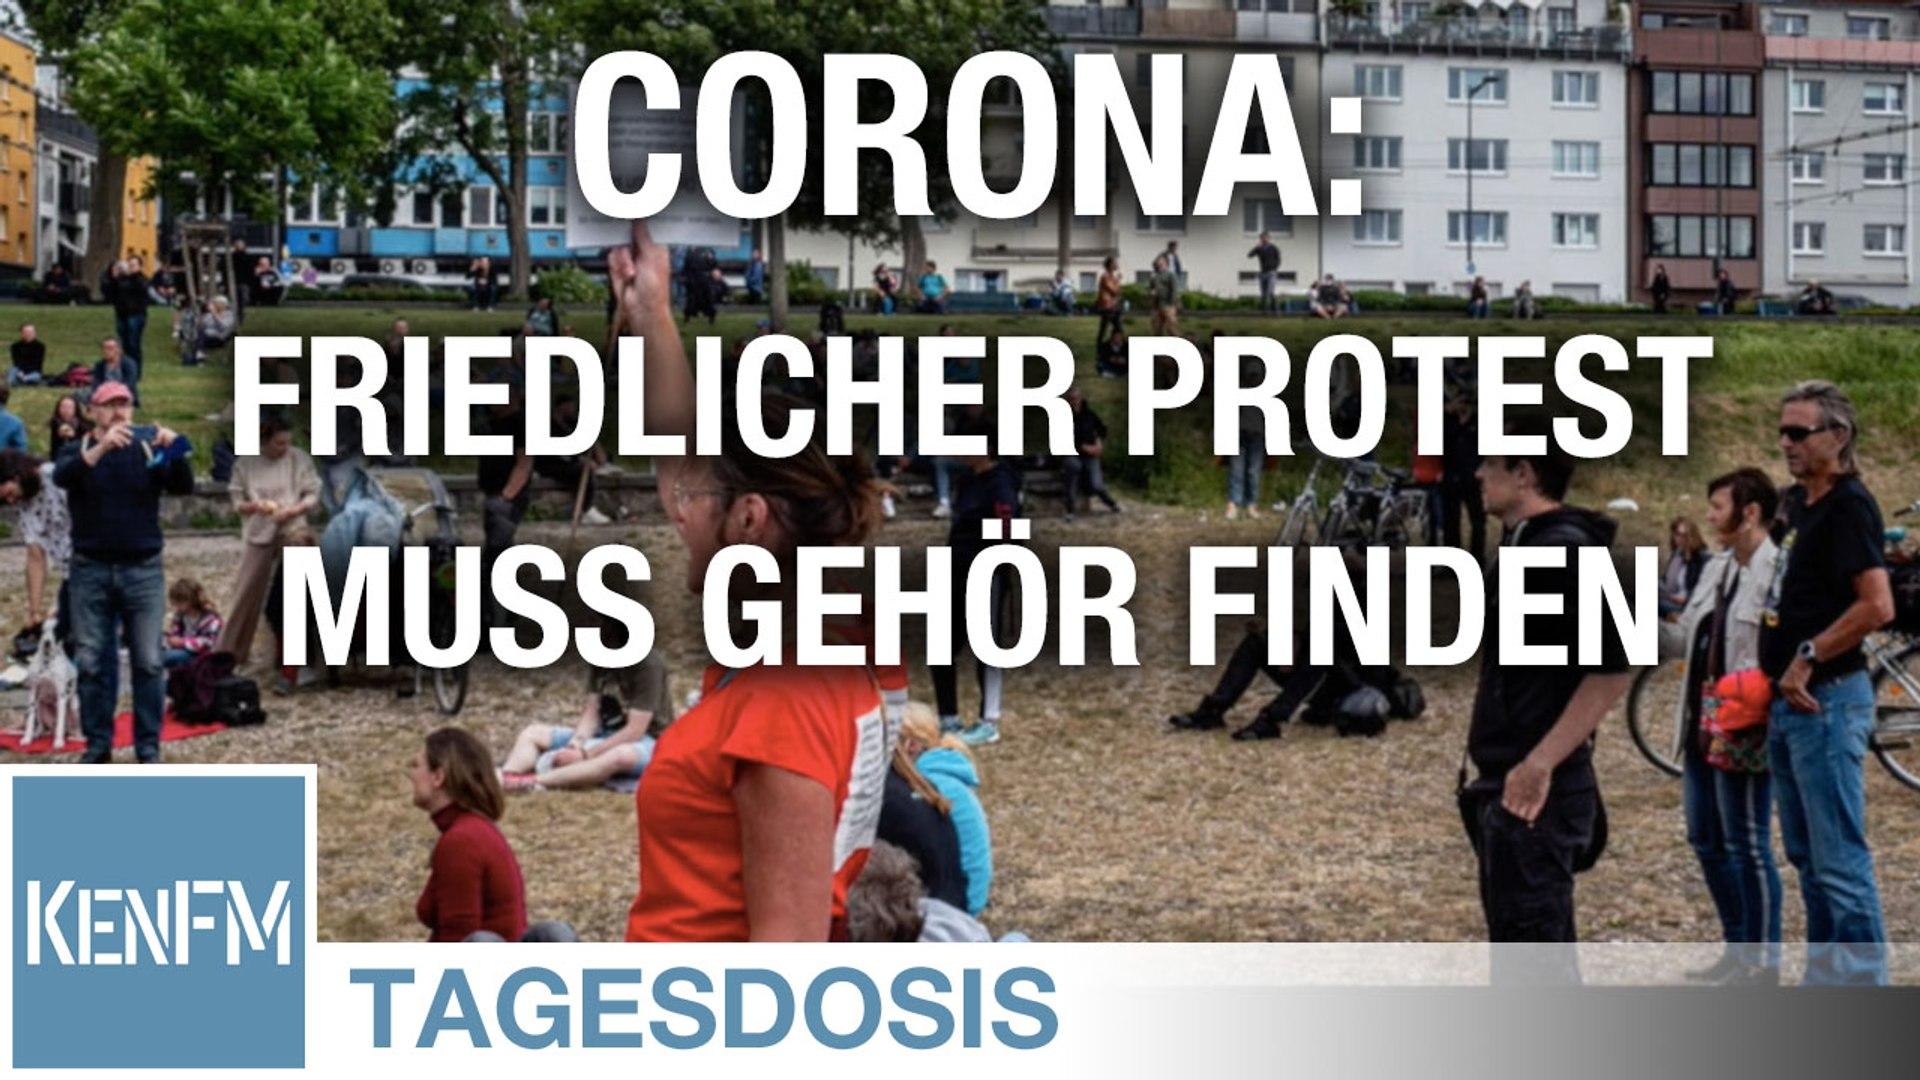 Corona: Friedlicher Protest muss Gehör finden können - Tagesdosis 30.5.2020